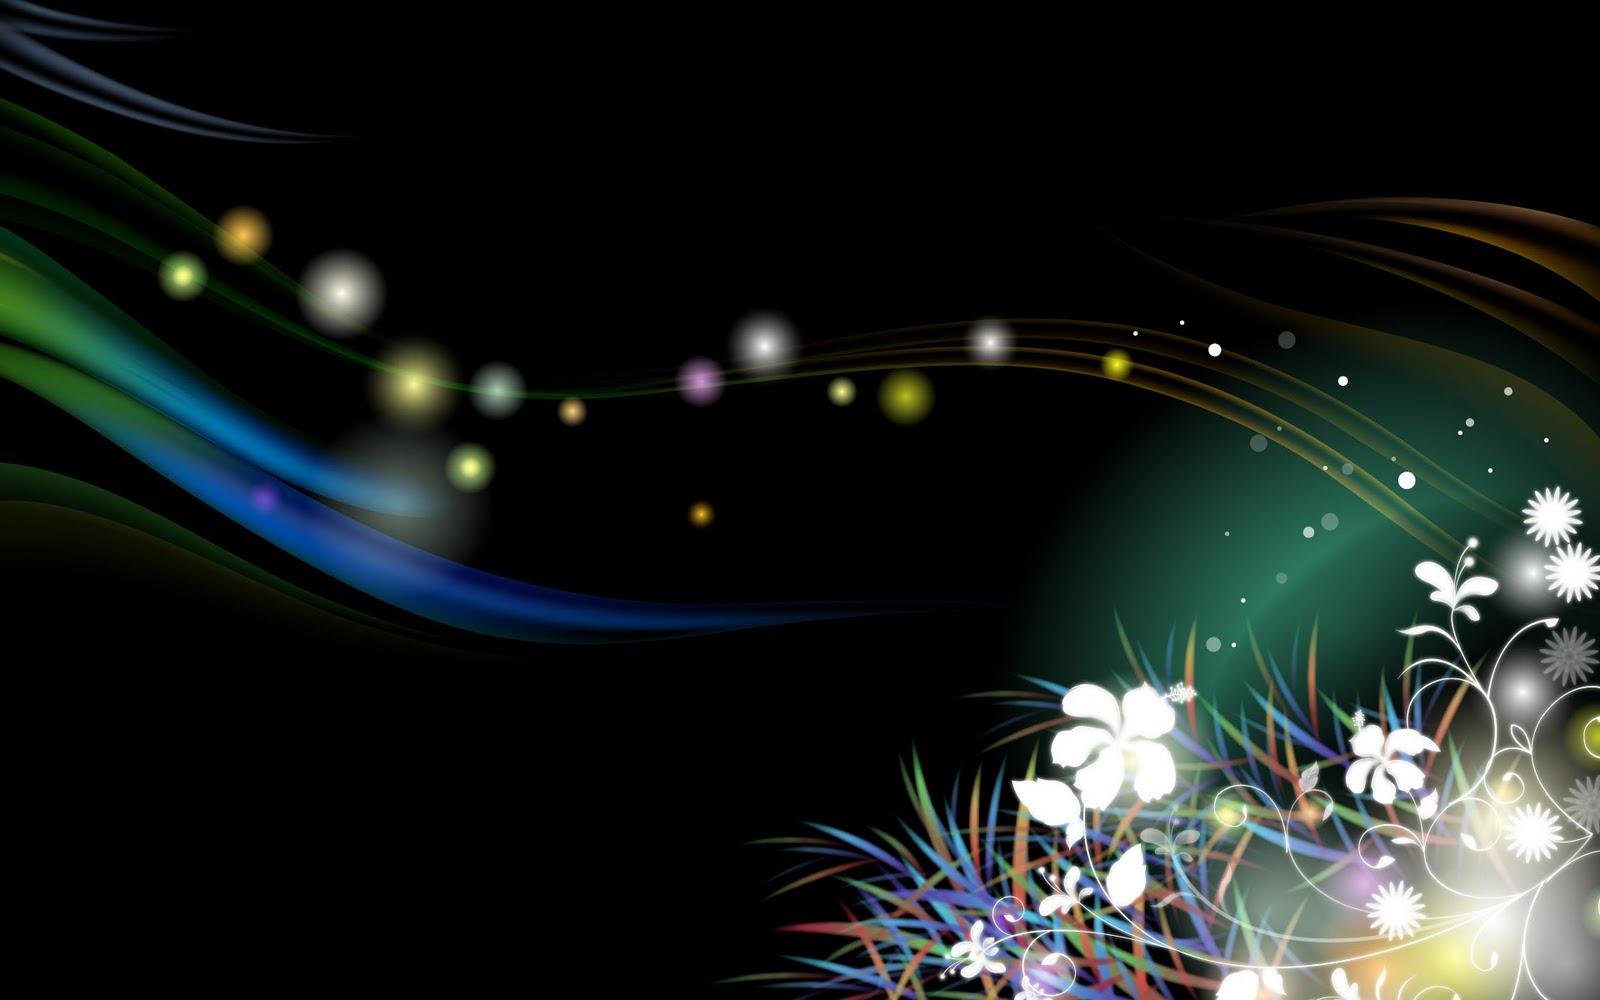 http://1.bp.blogspot.com/-yNjm007BW3w/TpWT6TA5yEI/AAAAAAAAQdI/9XBtBsOlalA/s1600/Abstract+Shape+HD+Wallpaper+Set+3+%25281%2529.jpg